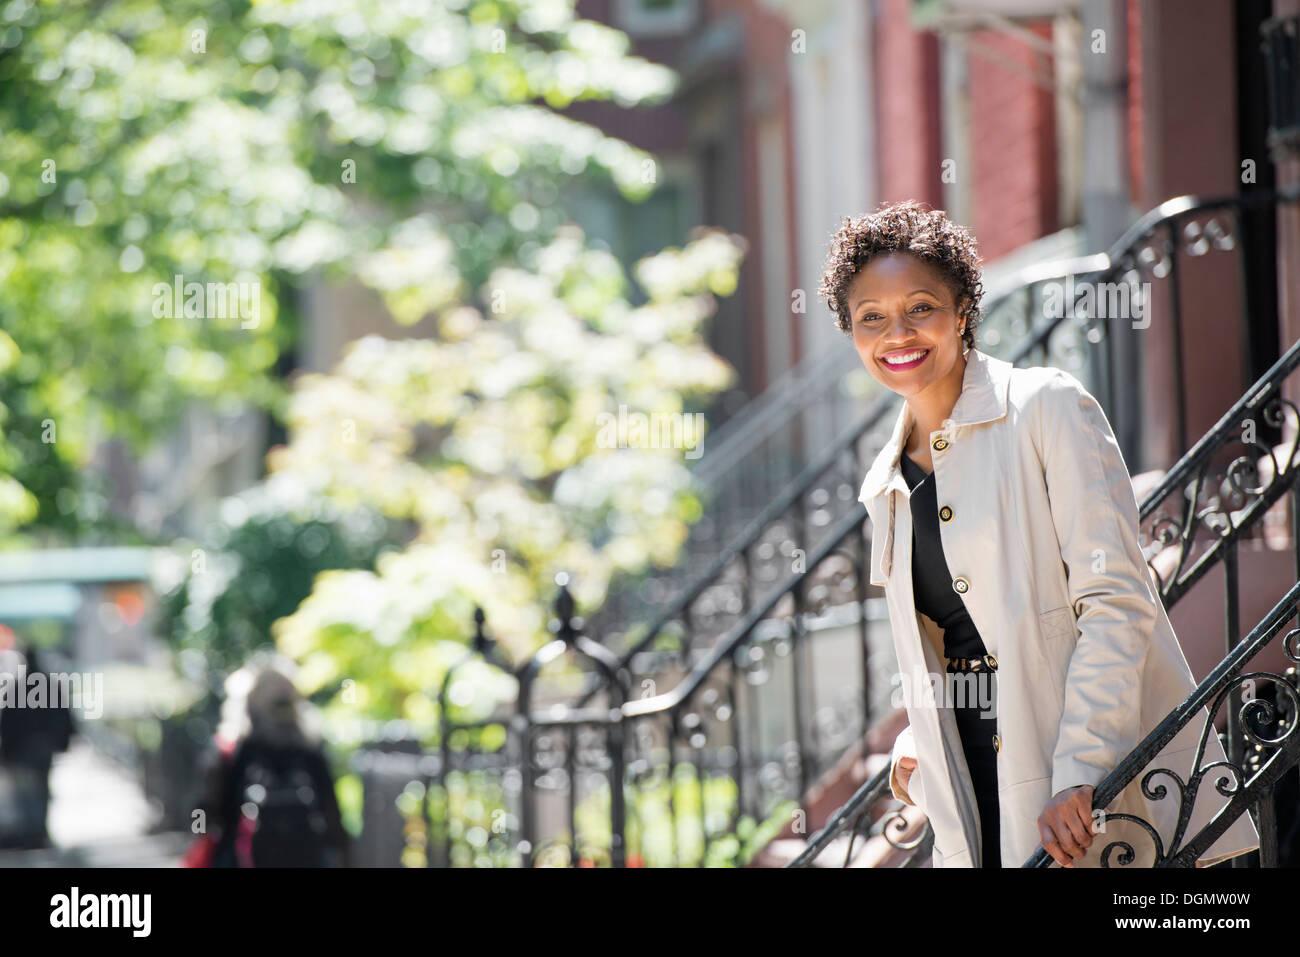 Ciudad. Una mujer caminando por pasos fuera de una casa de ciudad. Foto de stock